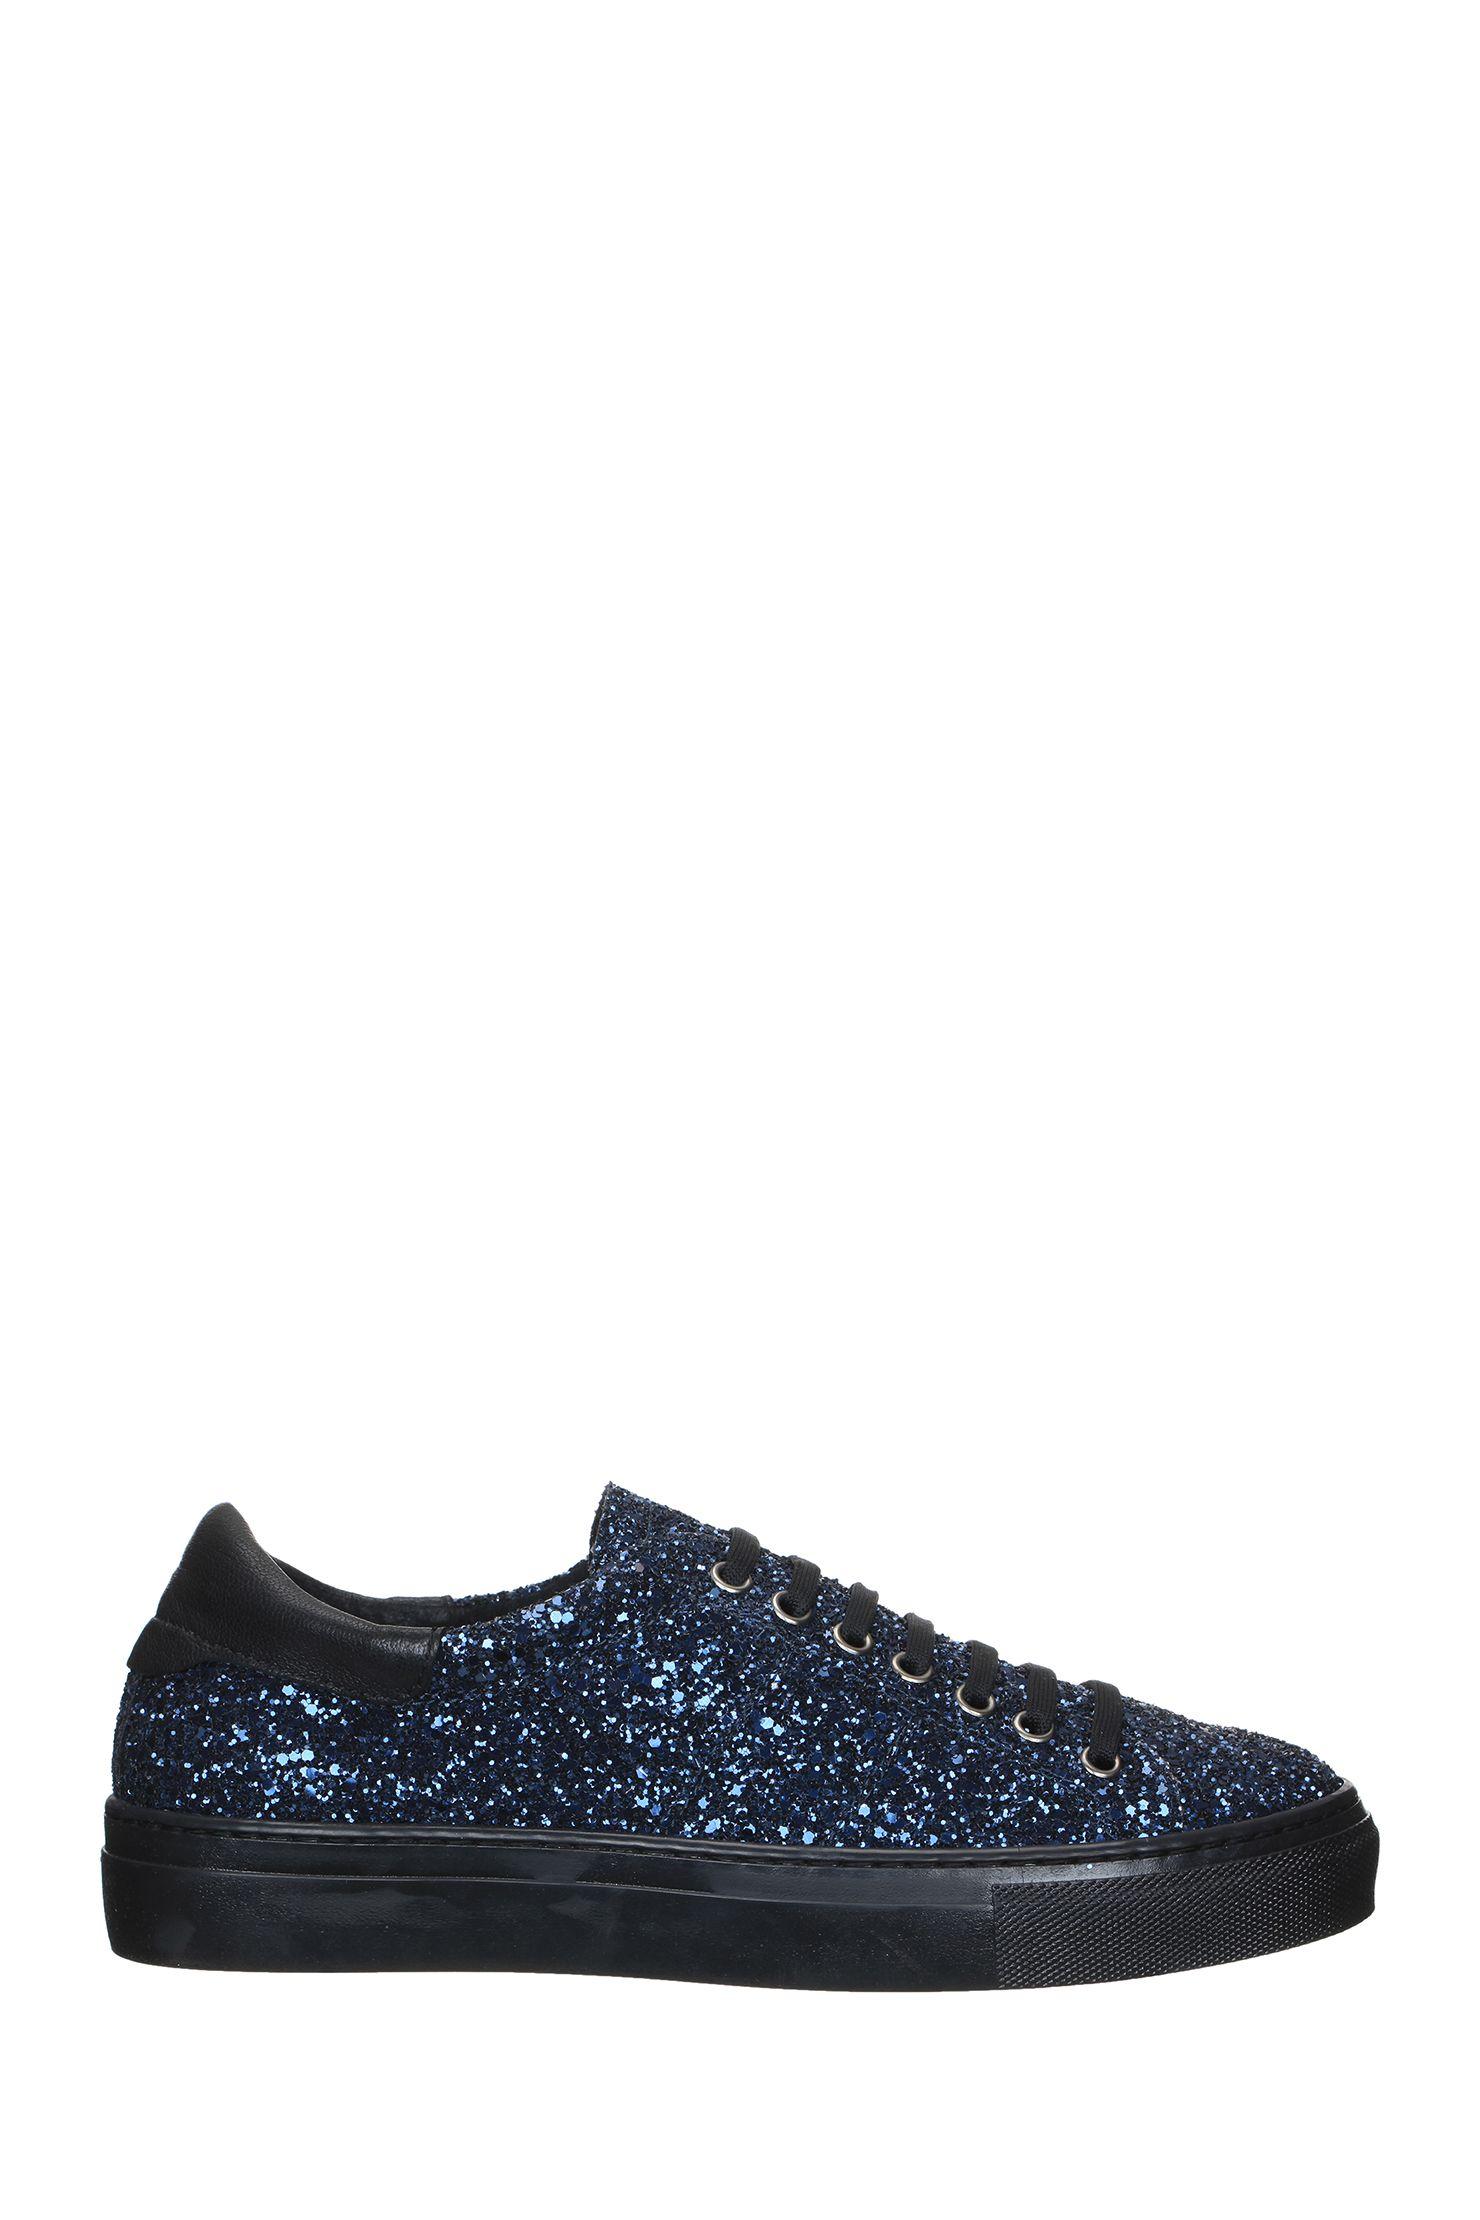 0c1df726395 Sneakers bleu noir paillettes Danielle. Sneakers bleu noir paillettes  Danielle Chaussures En Ligne